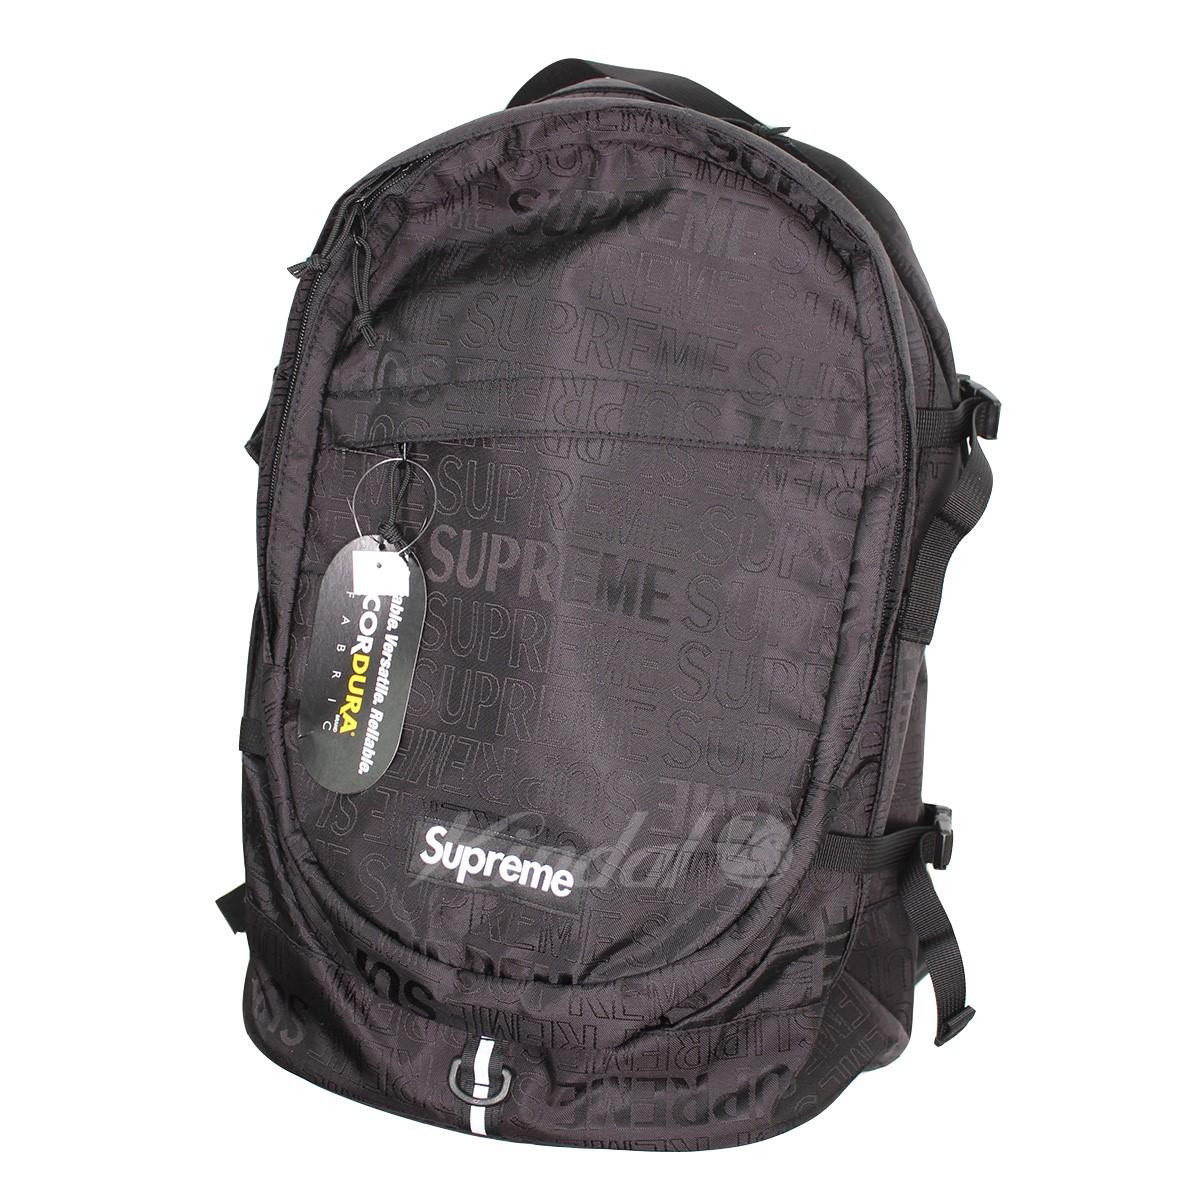 【中古】SUPREME 19SS Backpack BOXロゴバックパック ブラック サイズ:- 【送料無料】 【270219】(シュプリーム)